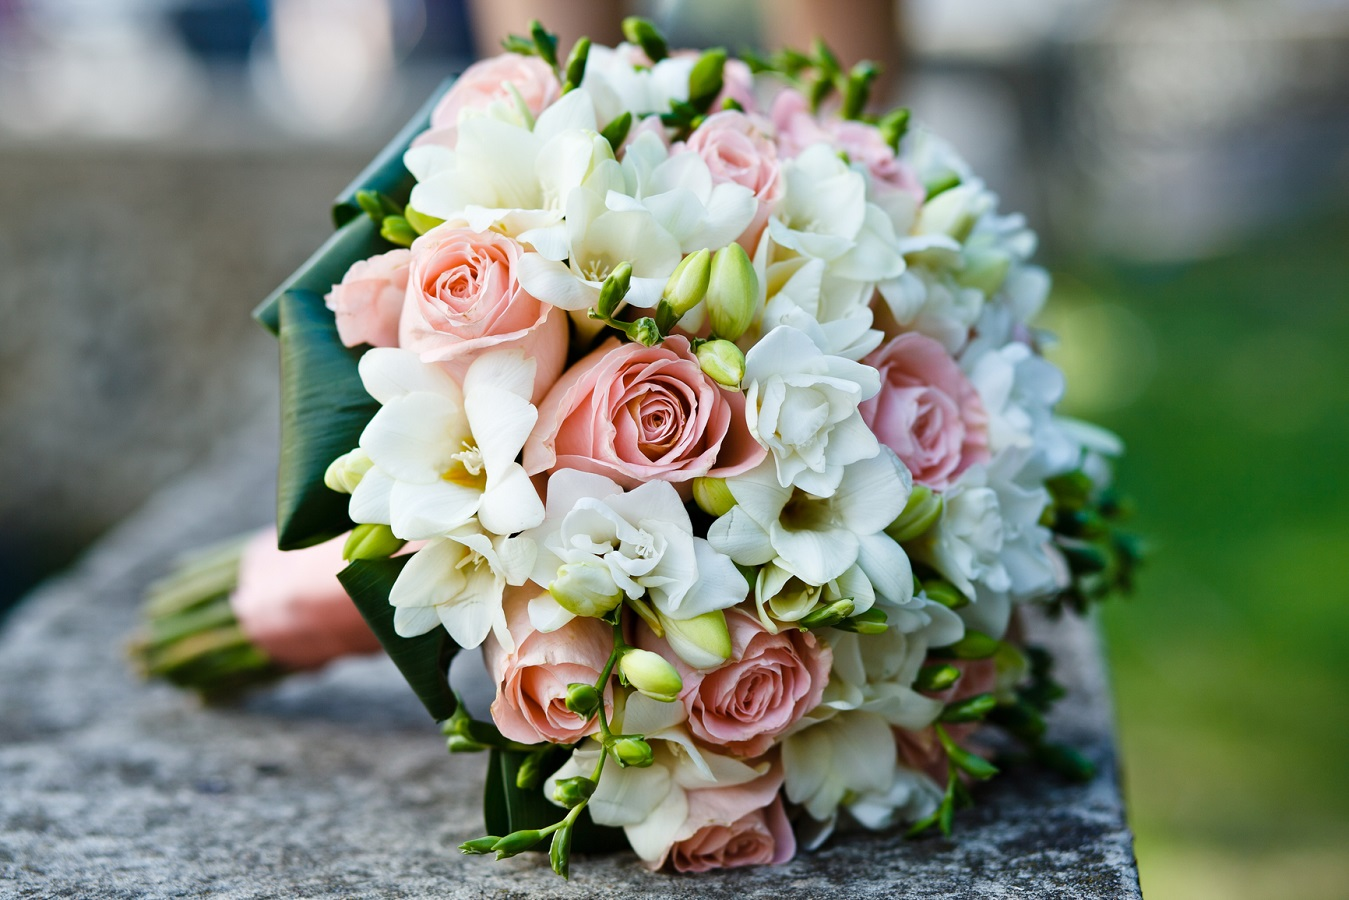 Фото букетов для невесты на свадьбу фото, для